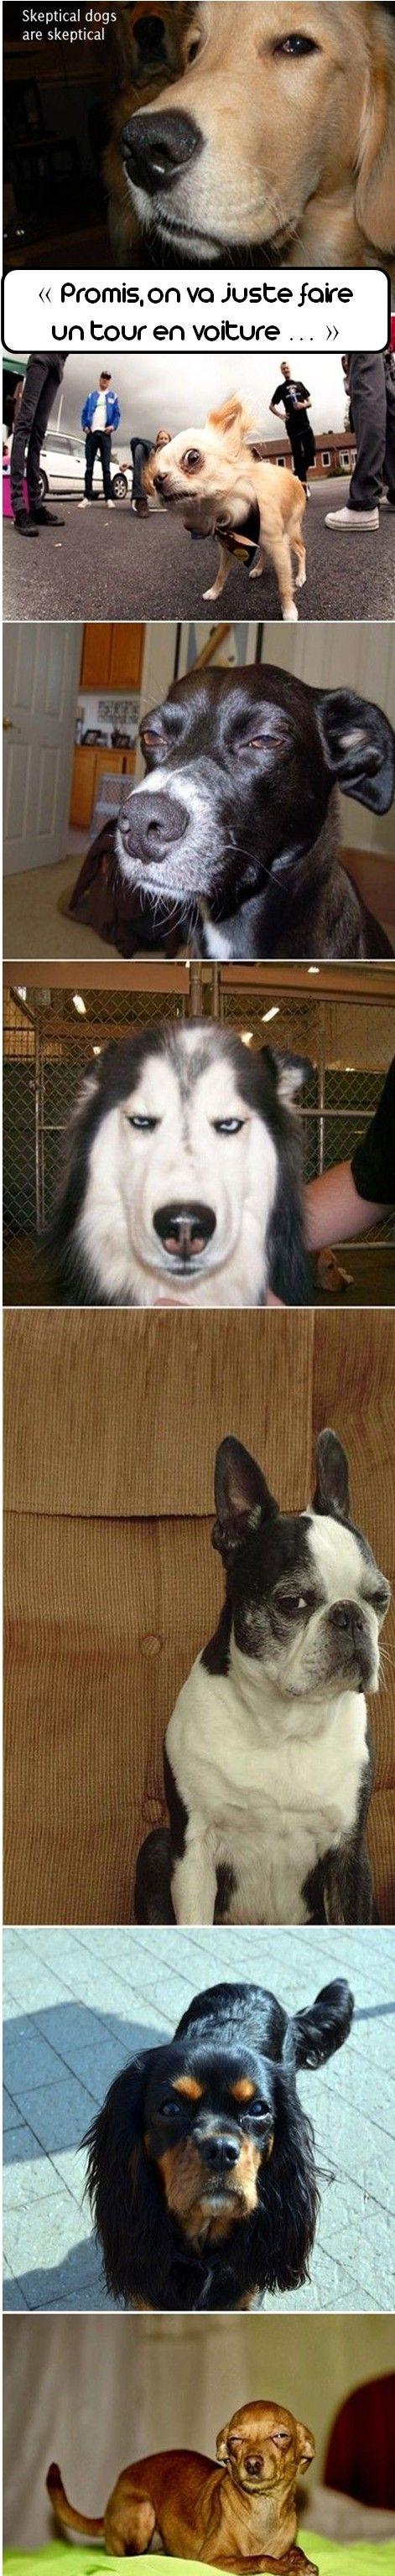 #dogs #sceptical #humour #chiens #sceptiques #zoomalia #aniamalerie